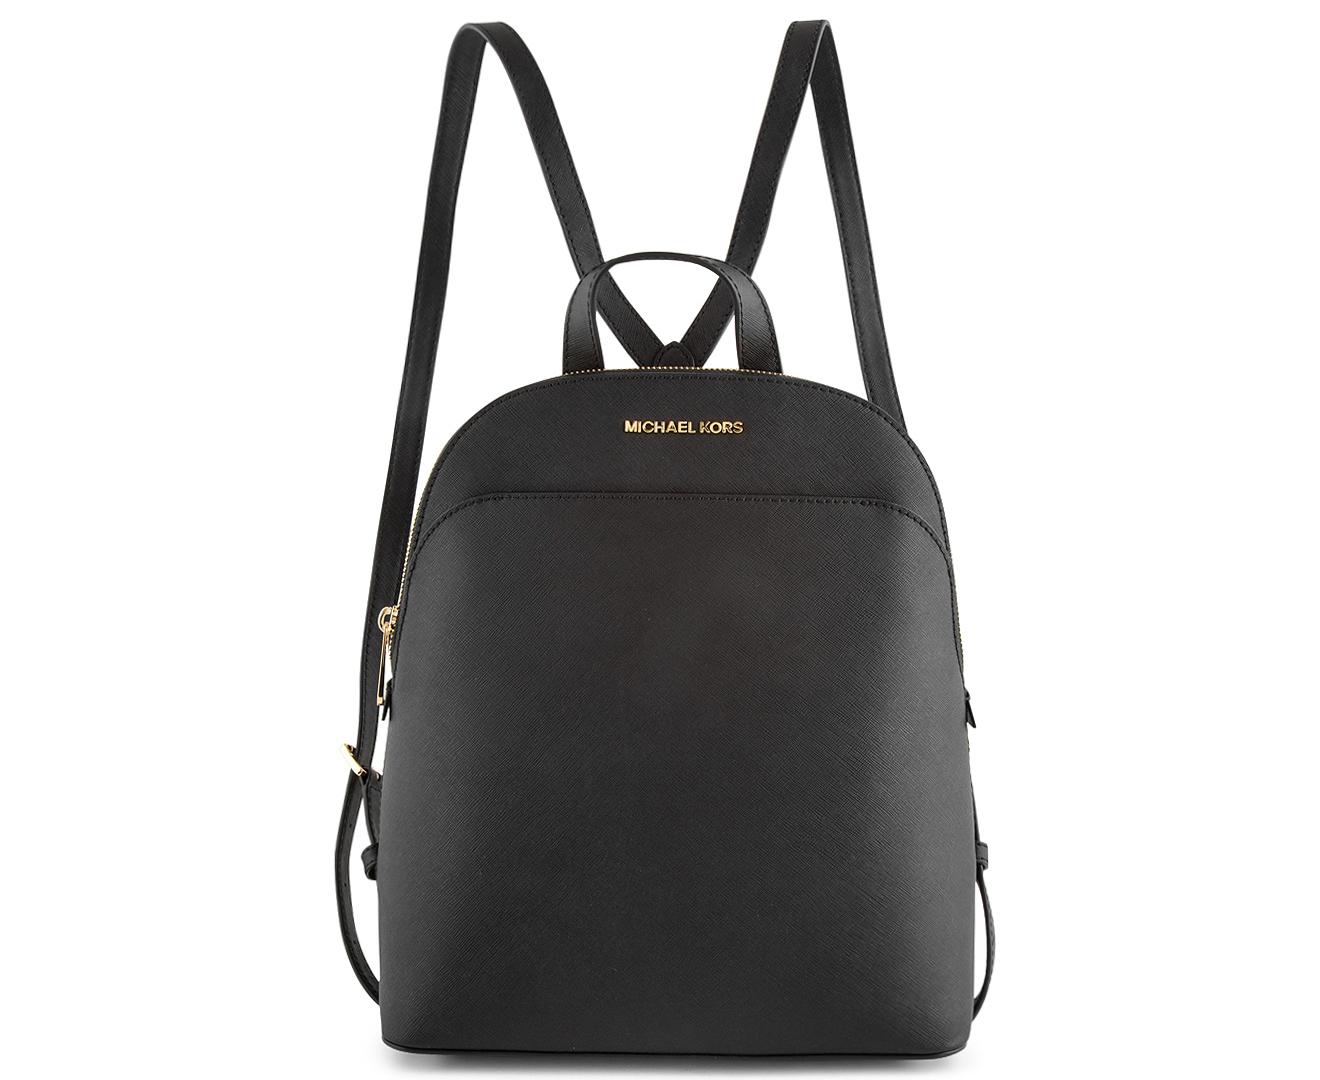 dde671cad5c7 Michael Kors Large Emmy Backpack - Black | Catch.com.au